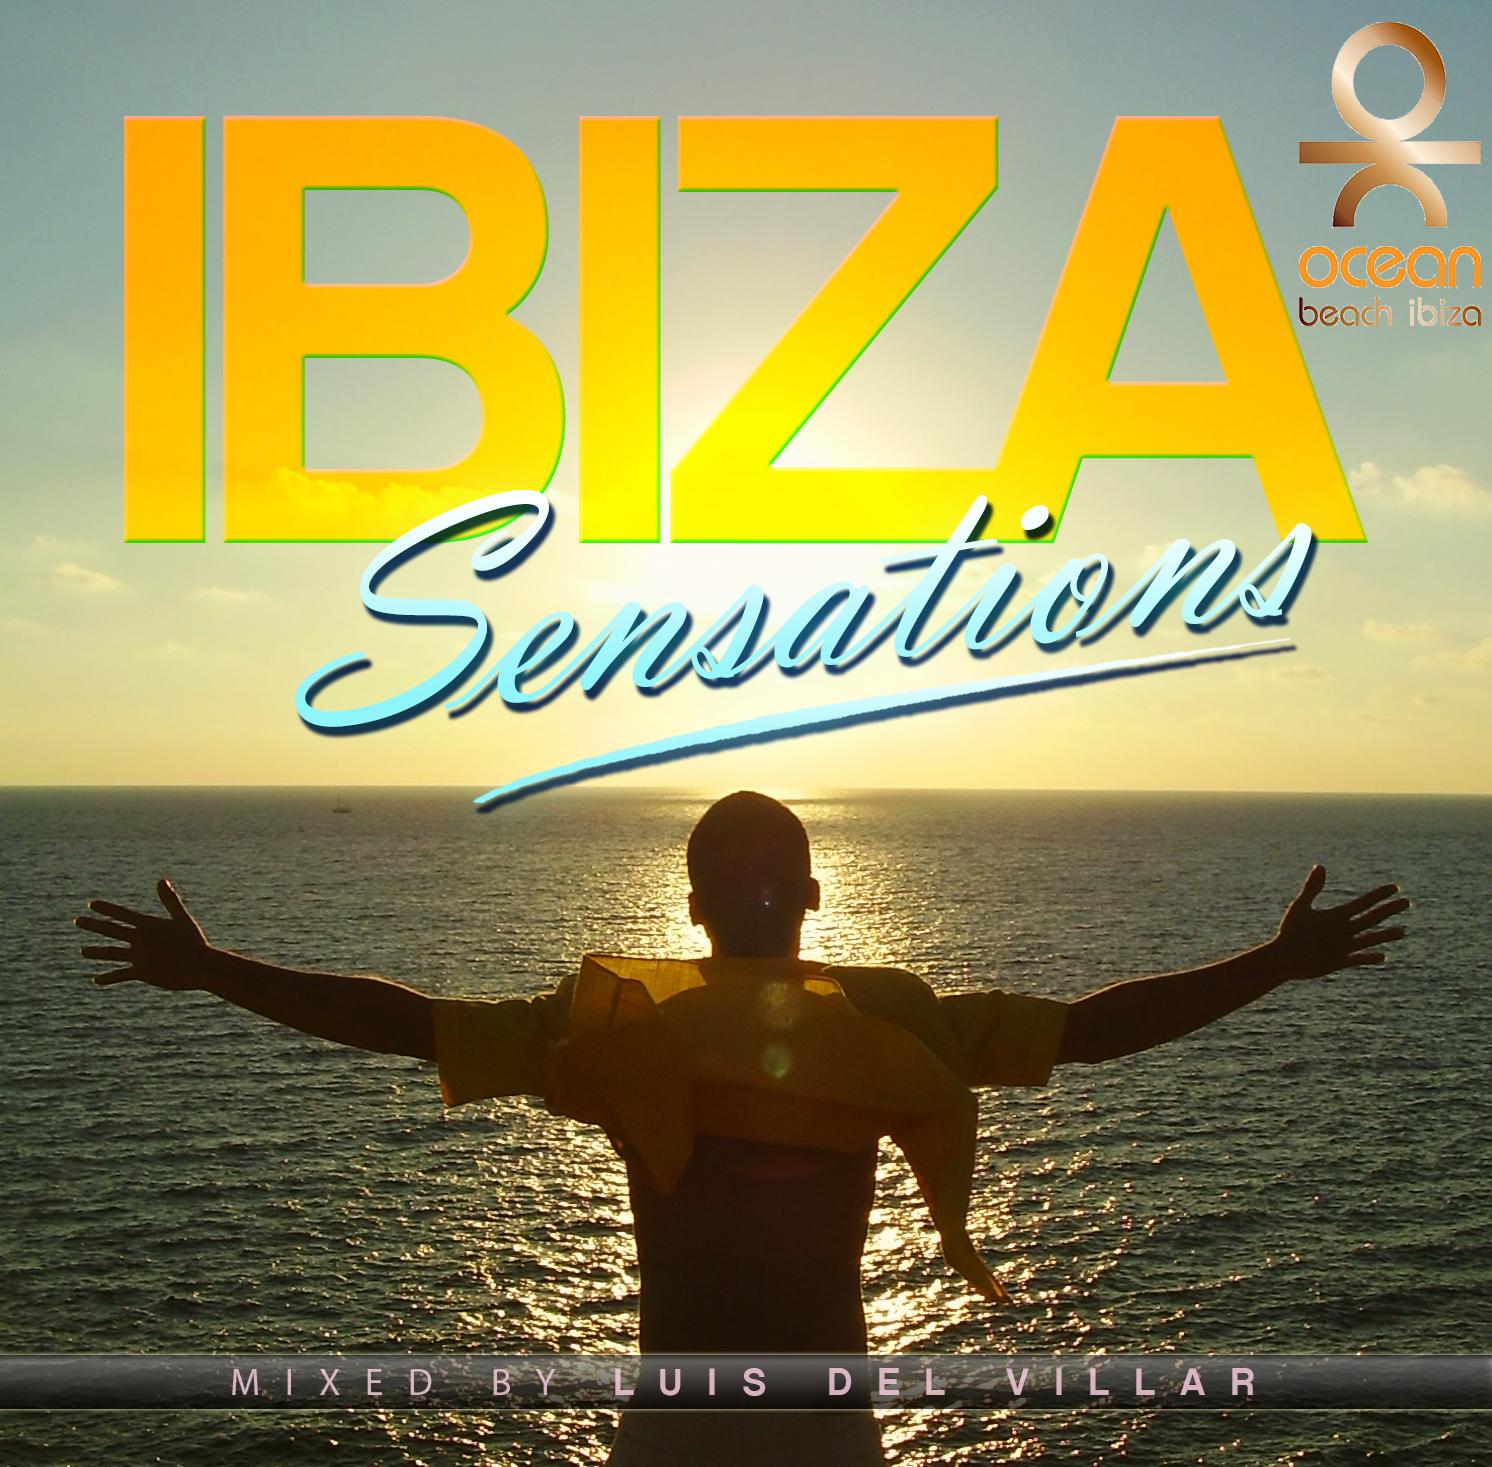 Artwork for Ibiza Sensations 92 Climax-Maxima Fm Special Set